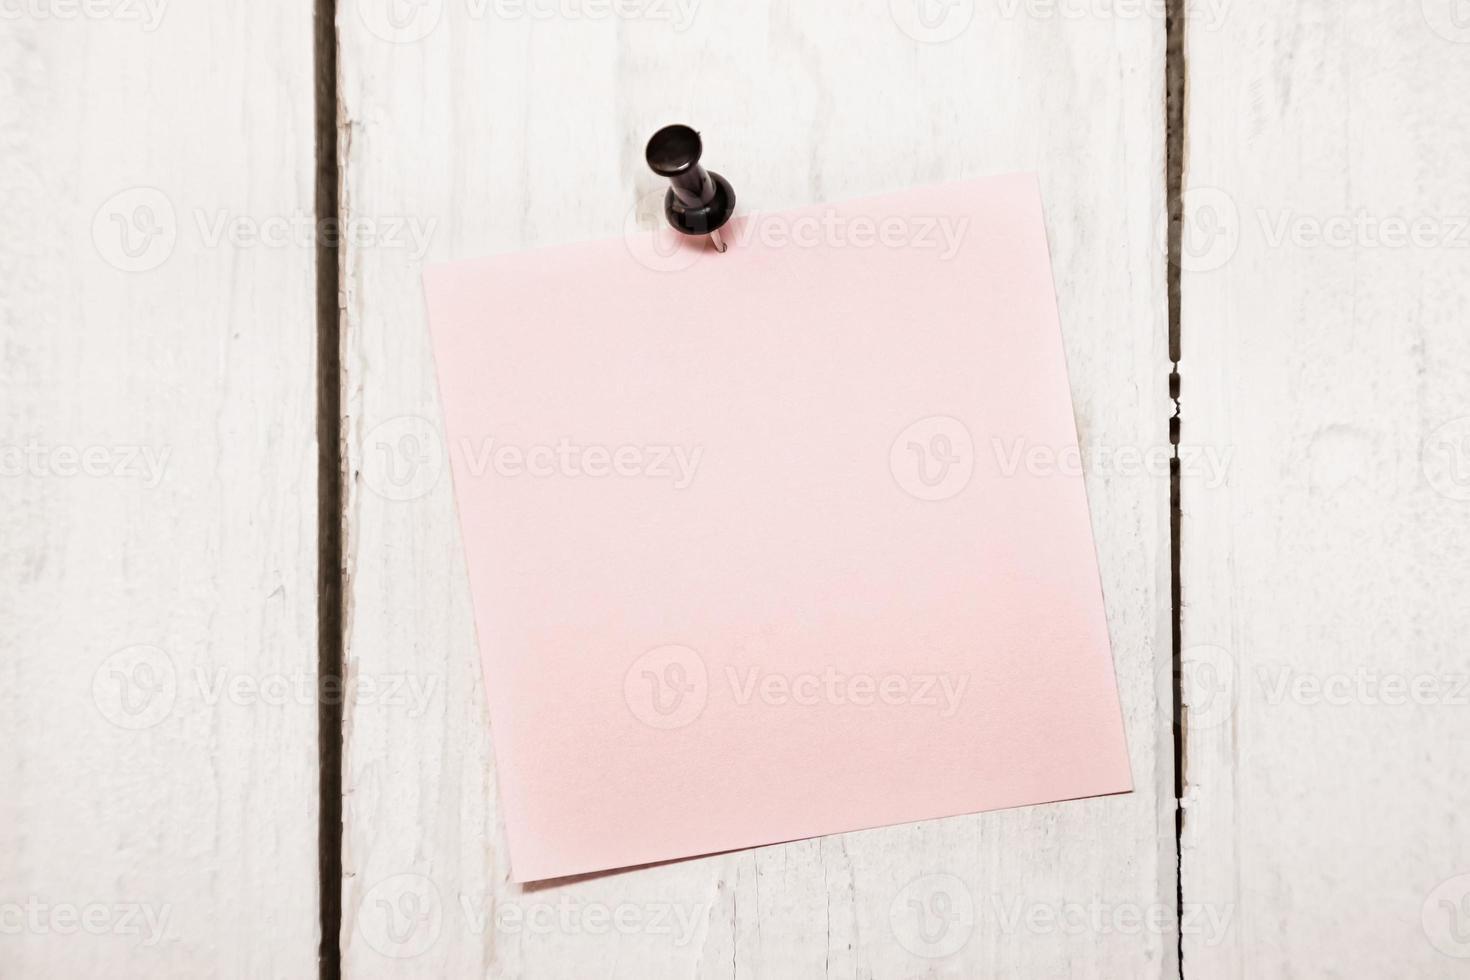 papier vierge avec épingle photo